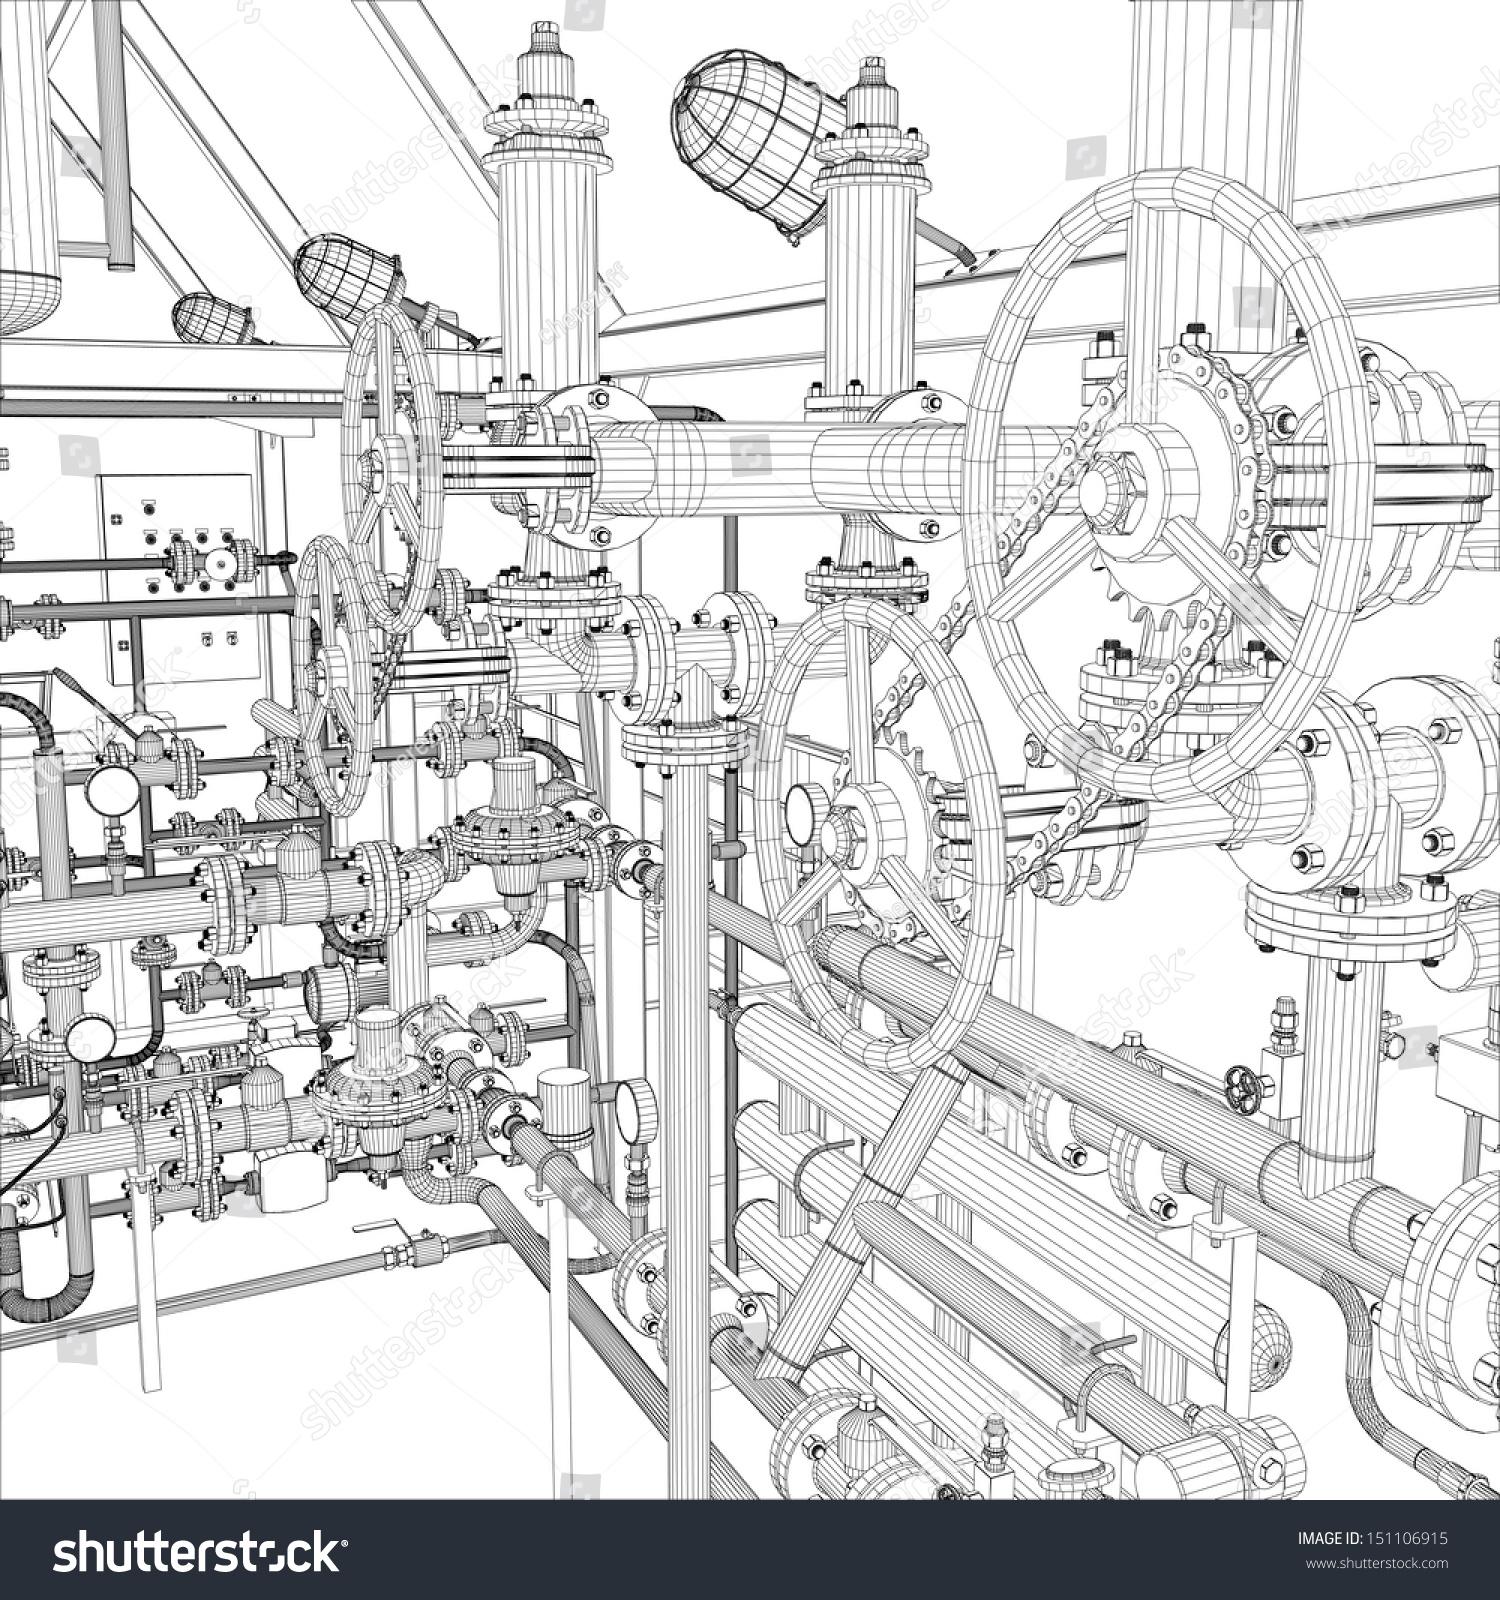 Wireframe Industrial Equipment EPS 10 Vector Stock Vector 151106915 ...